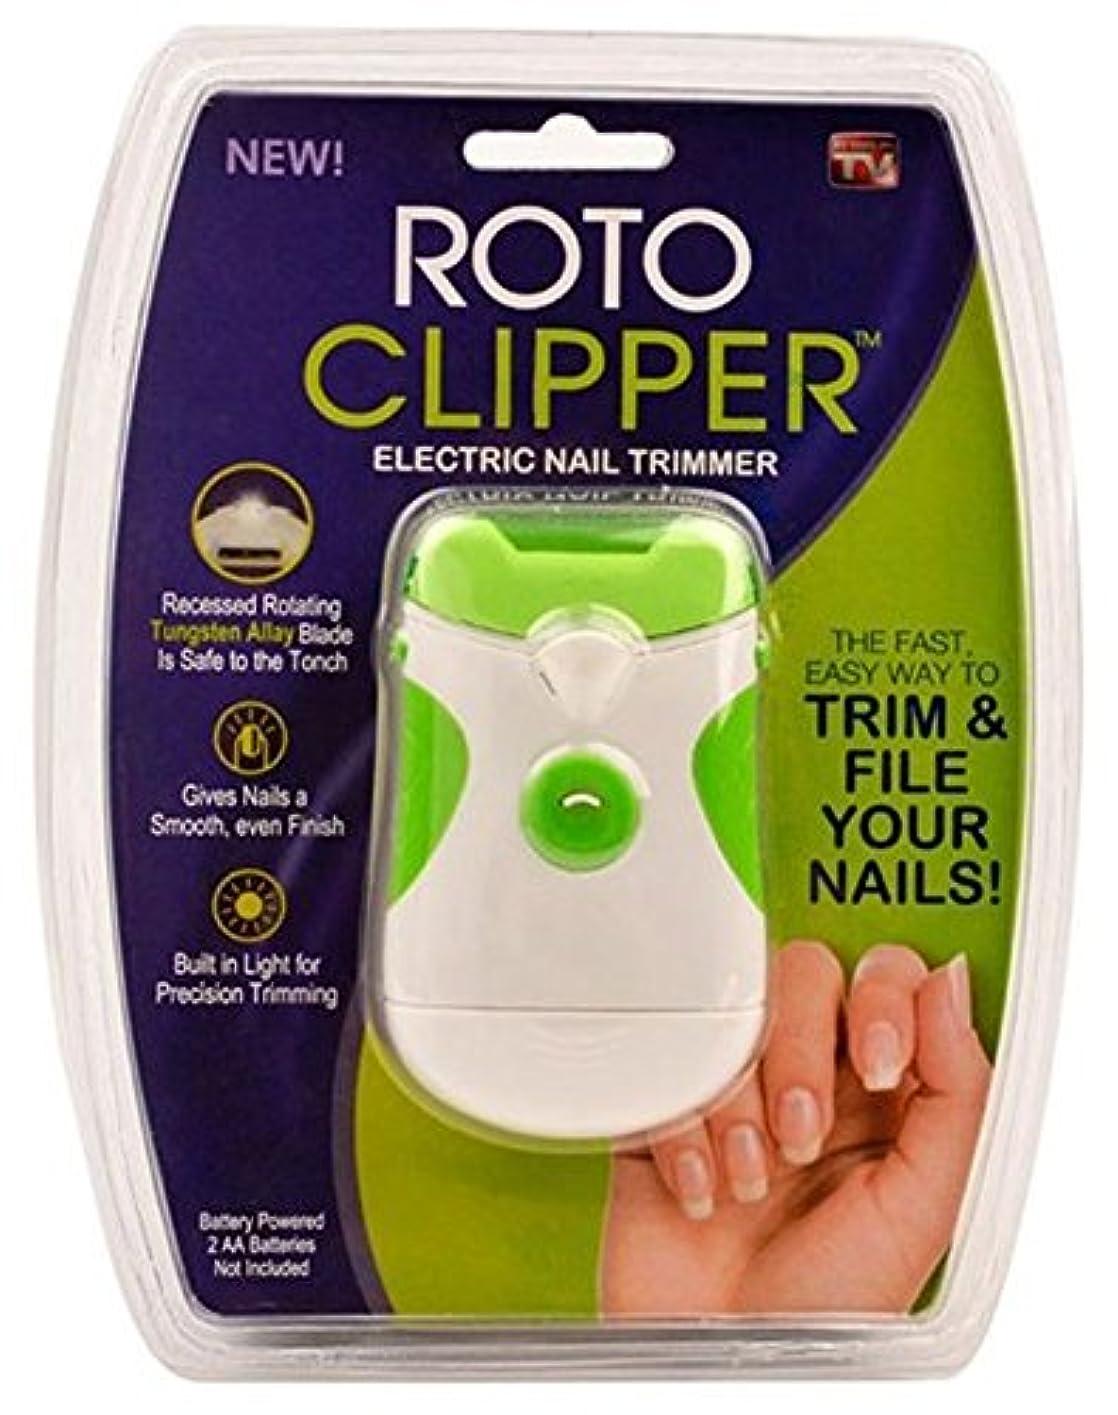 配列リスキーな他のバンドでStardust 電動 清潔 電池 式 ネイル 簡単 爪 切り 爪 とぎ やすり 手 削り 綺麗 爪 オート マチック SD-TUMEME